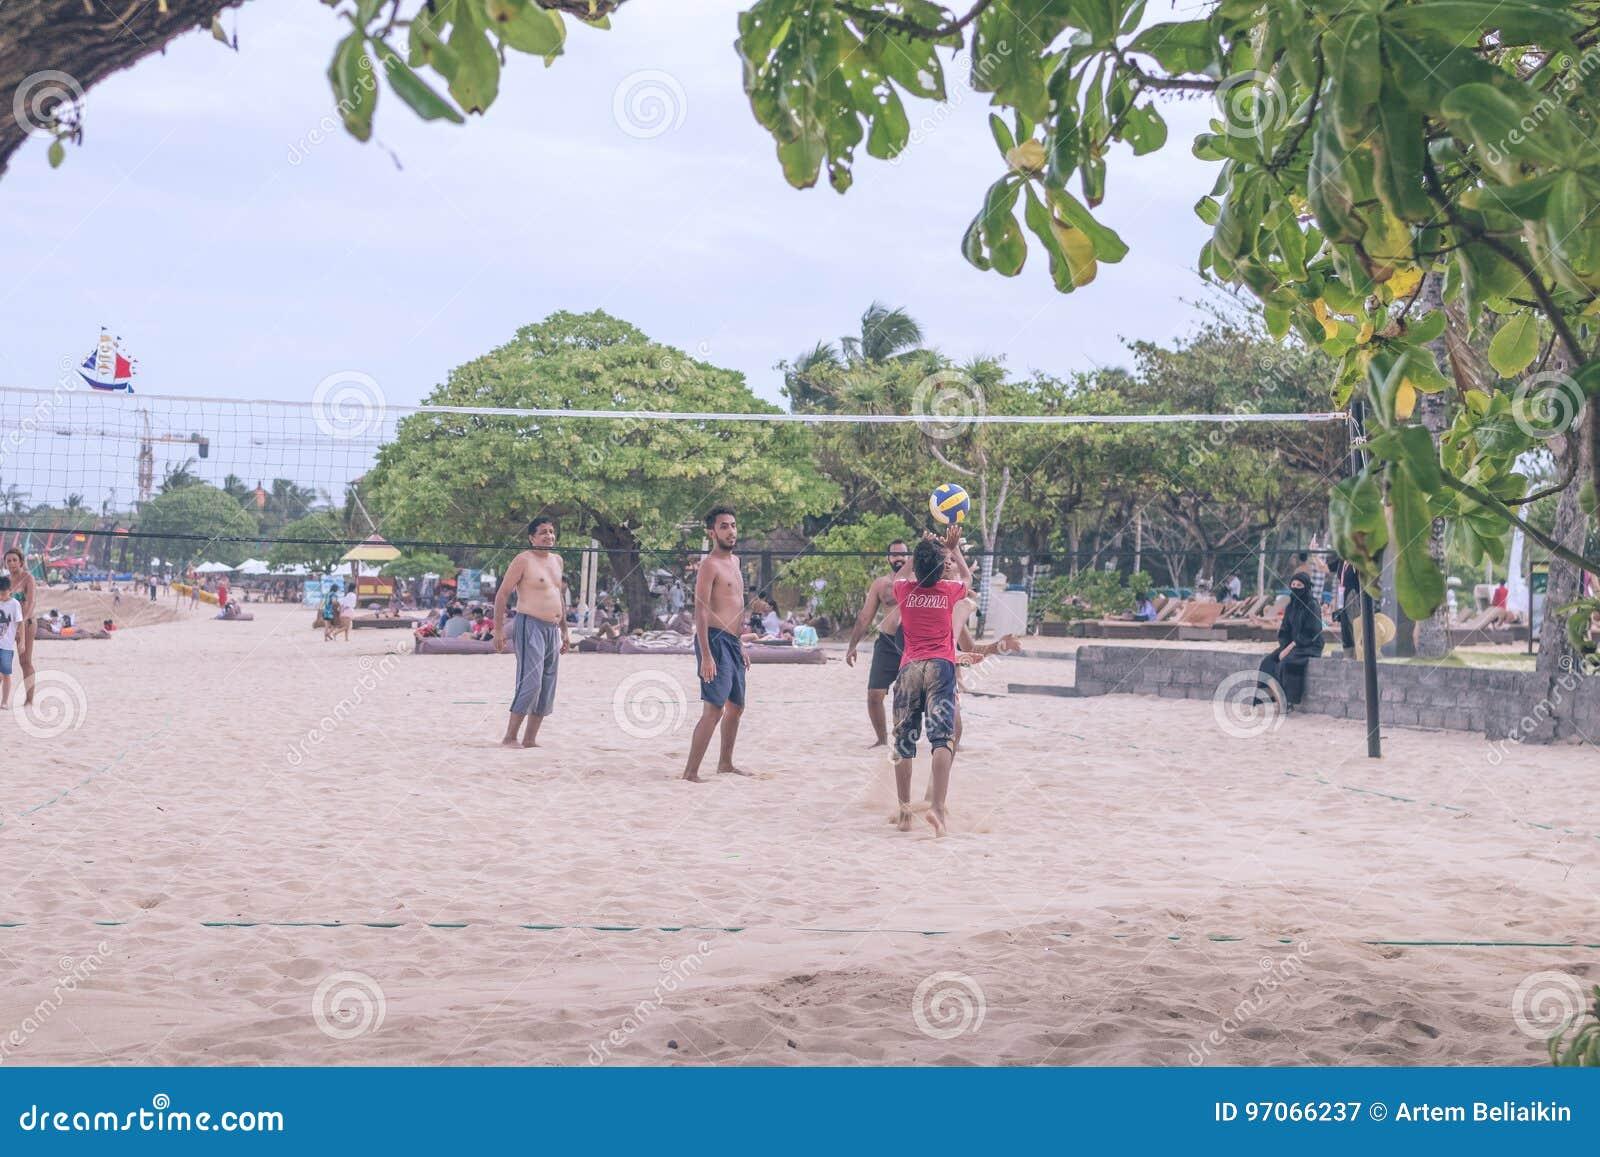 BALI, INDONESIEN - 27. JULI 2017: Gruppe Freunde, die Strandsalve - Multi-Ethikgruppe von personen hat Spaß auf spielen